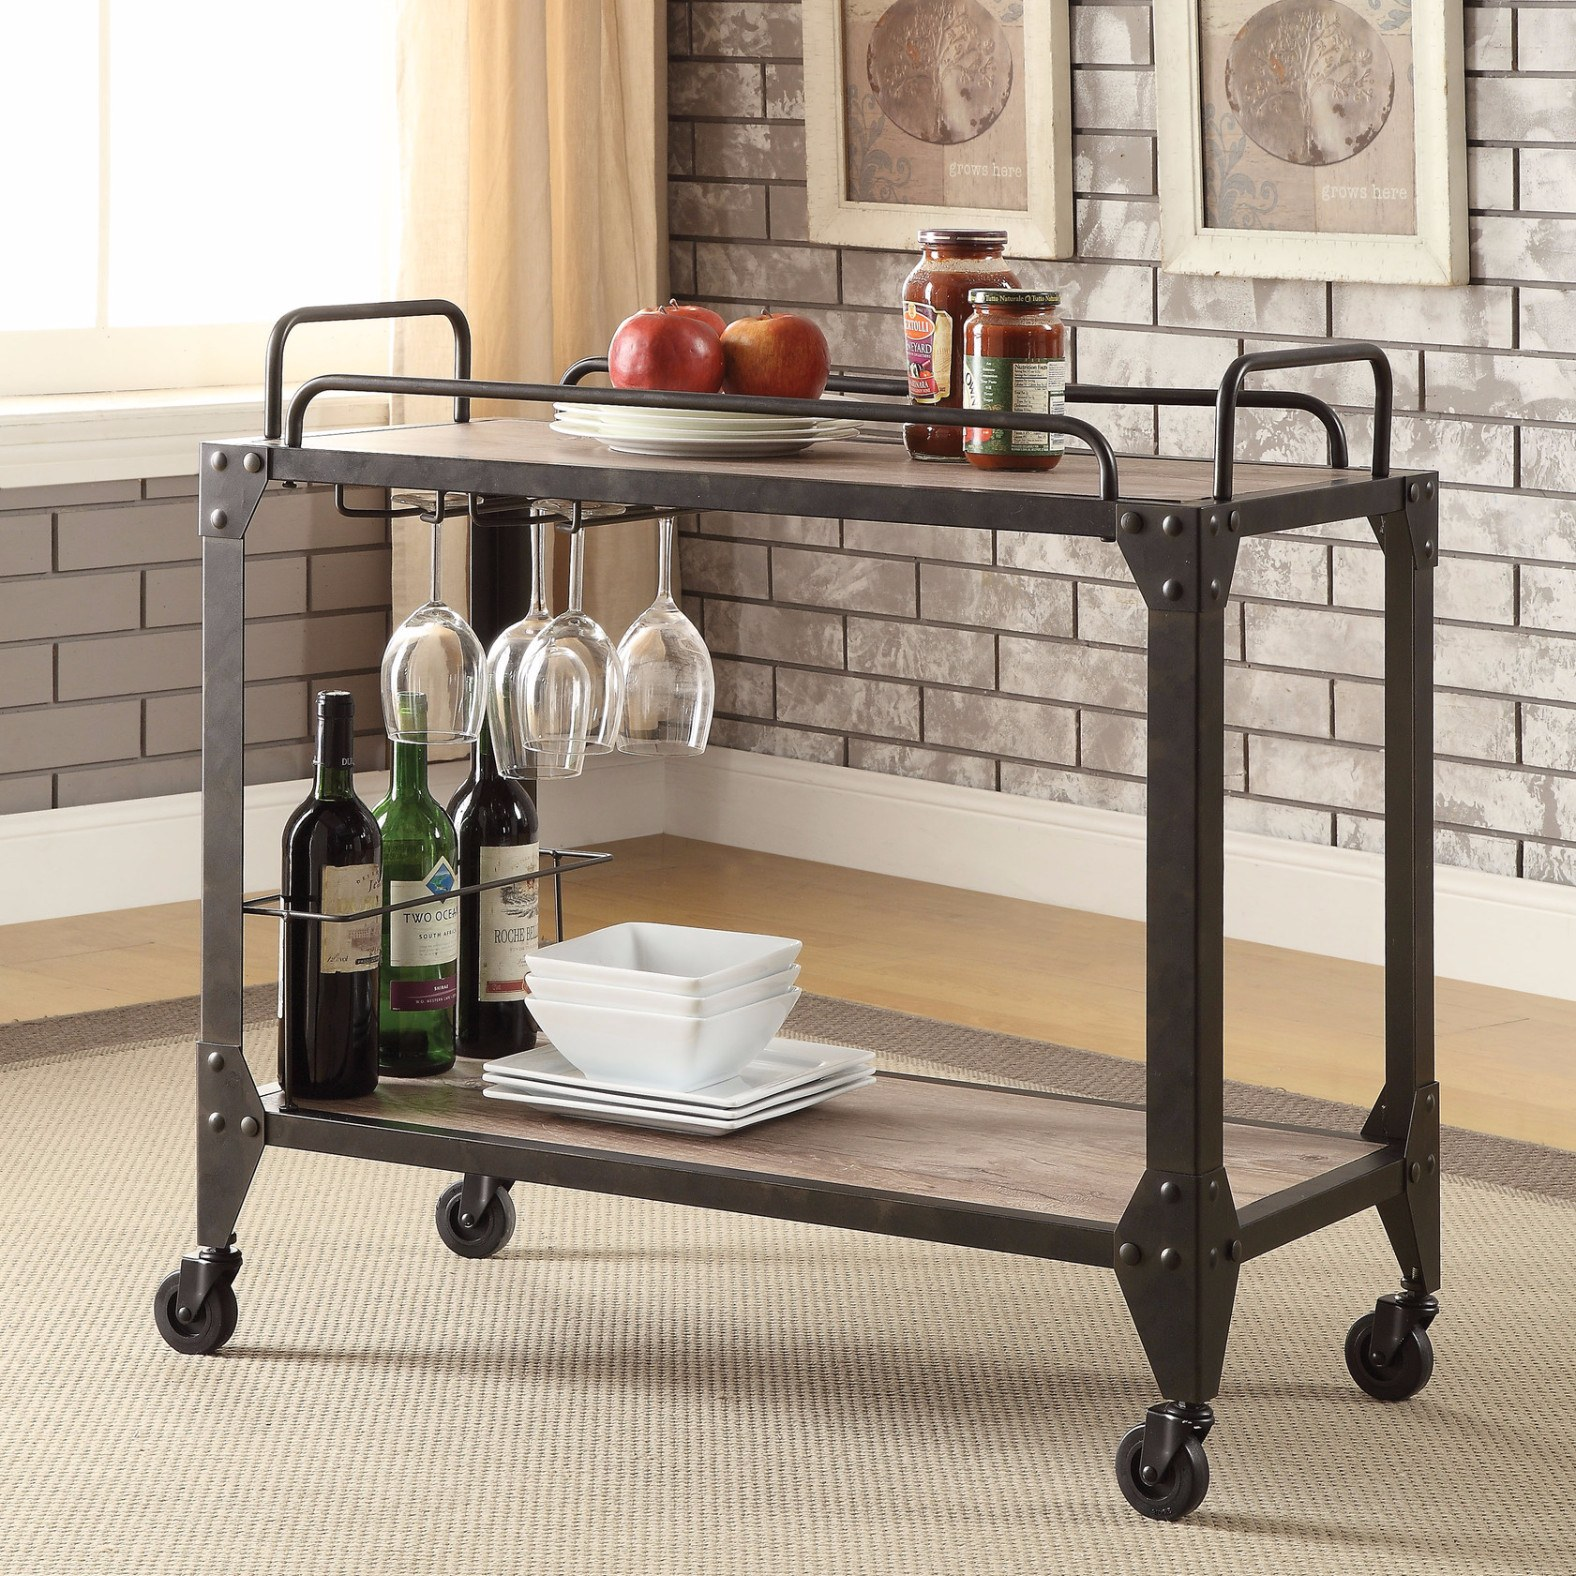 Сервировочный столик в стиле лофт